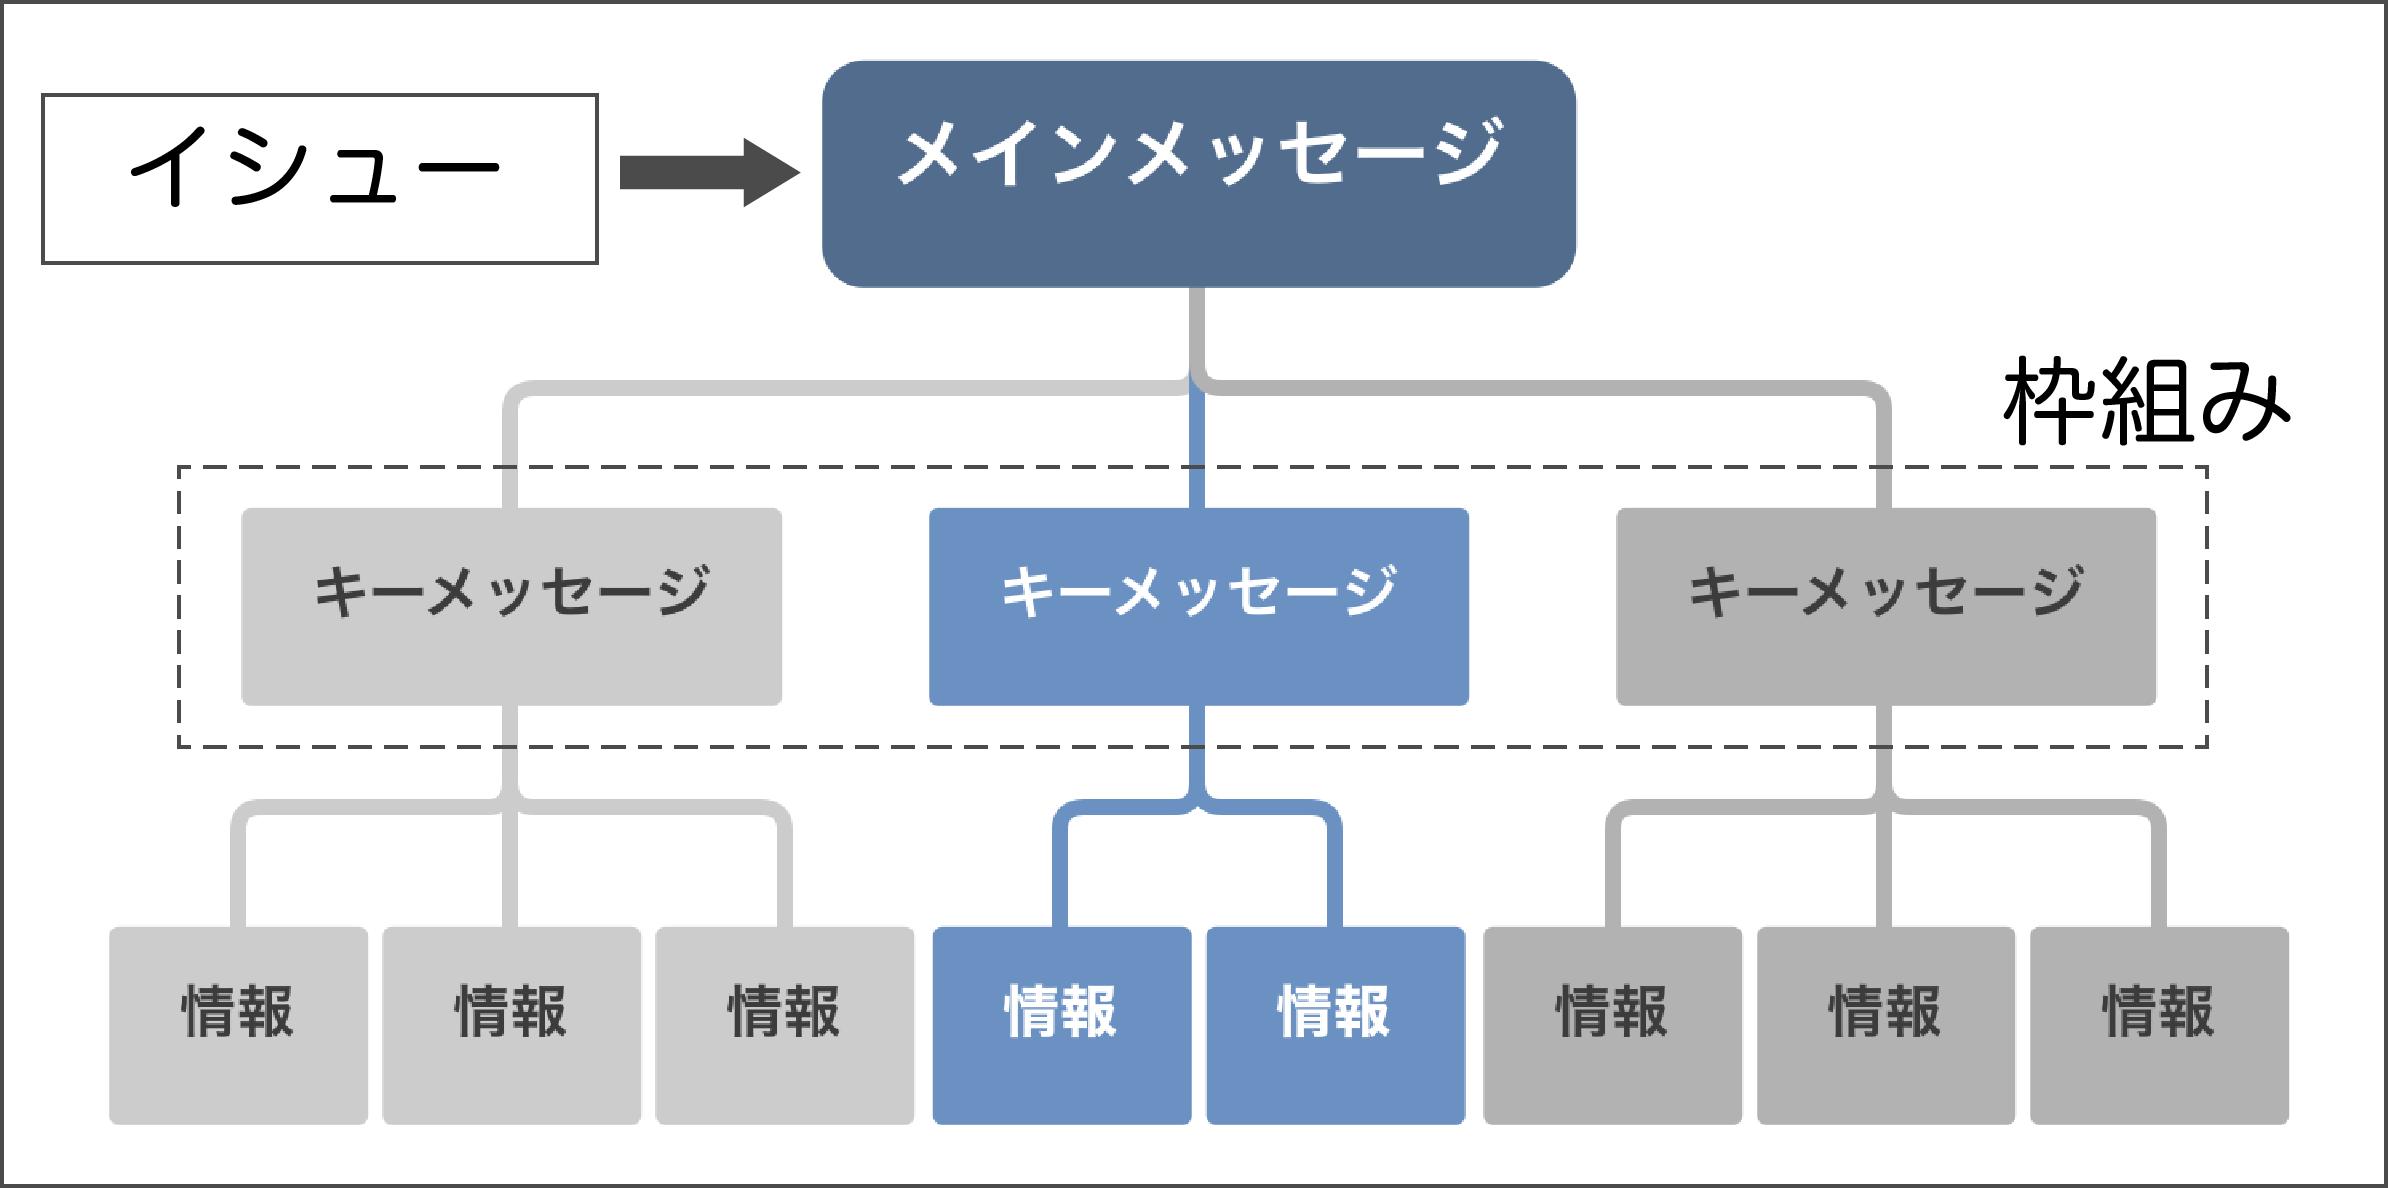 ピラミッドストラクチャーの構造を説明する